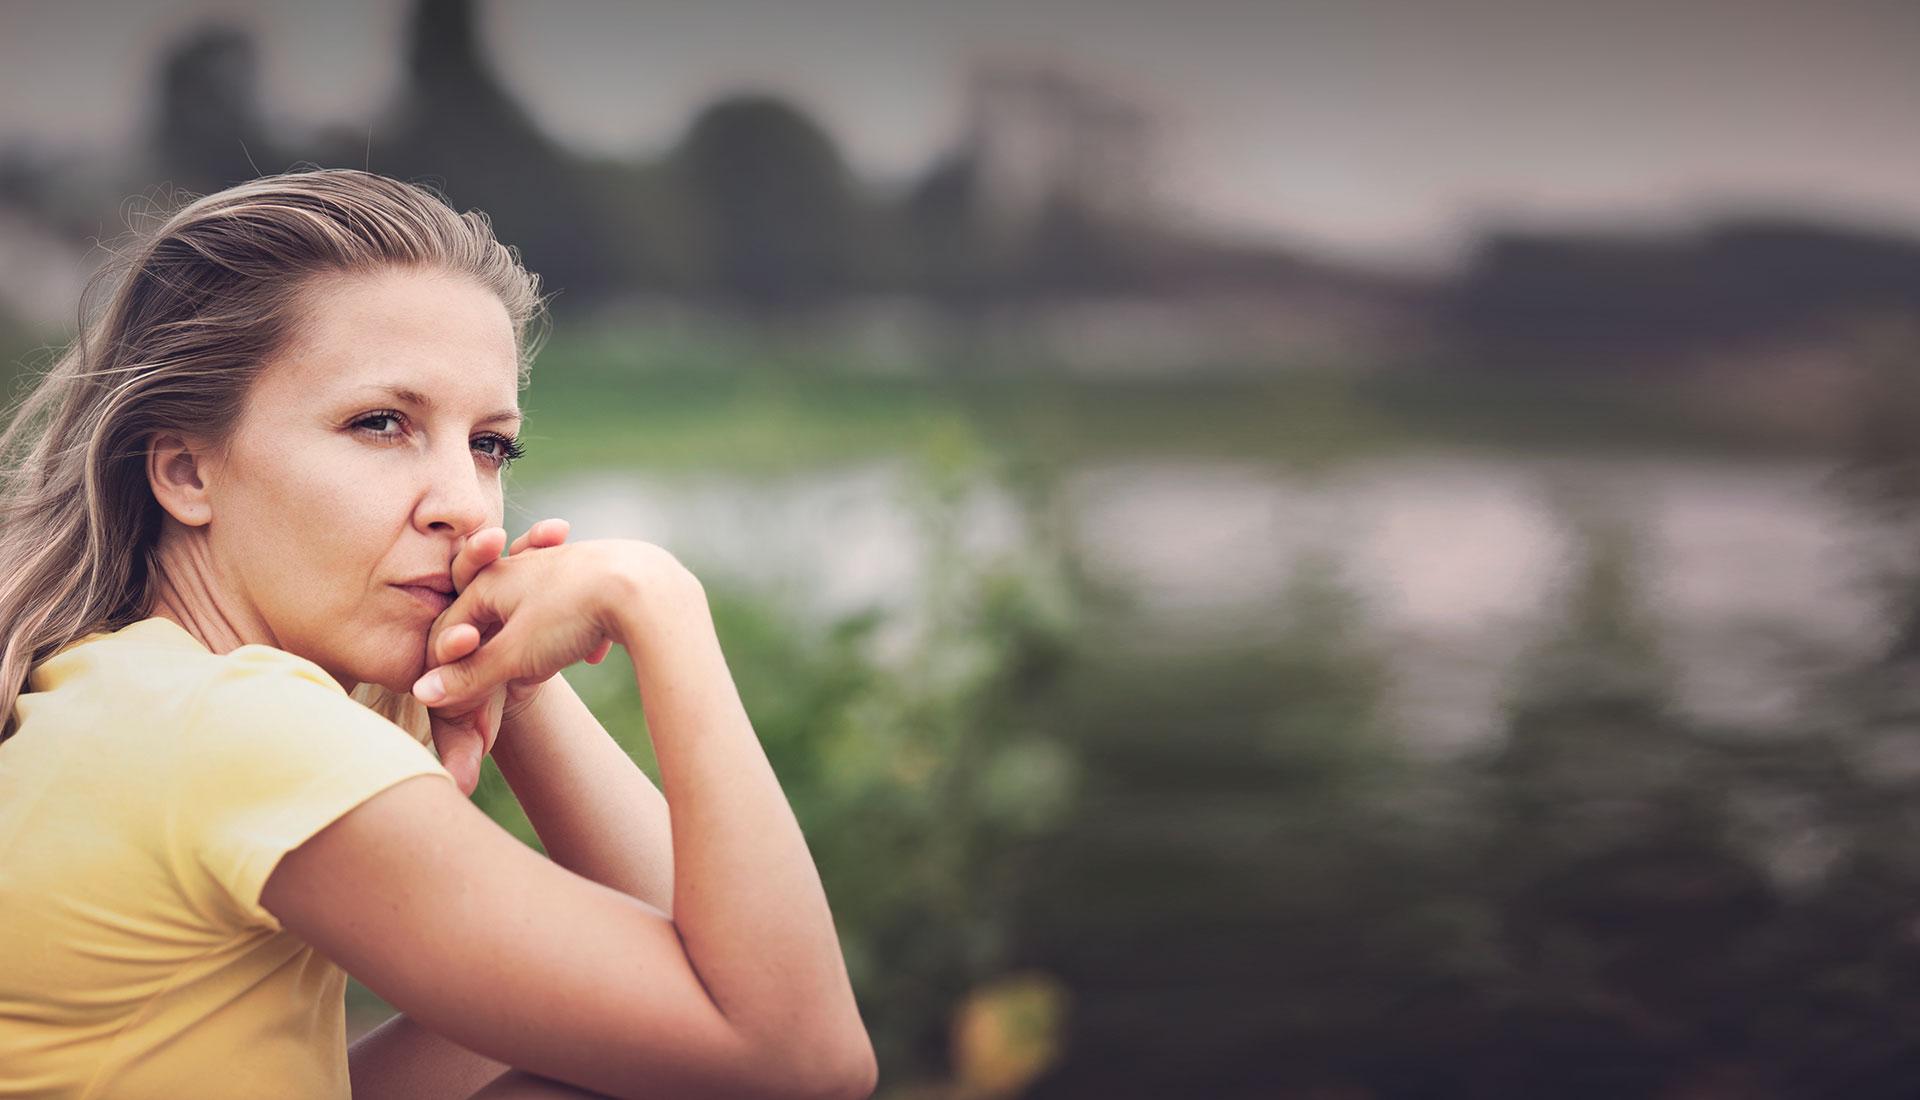 jeune femme au tee shirt aux cheveux blonds dans le vent à l'air pensif